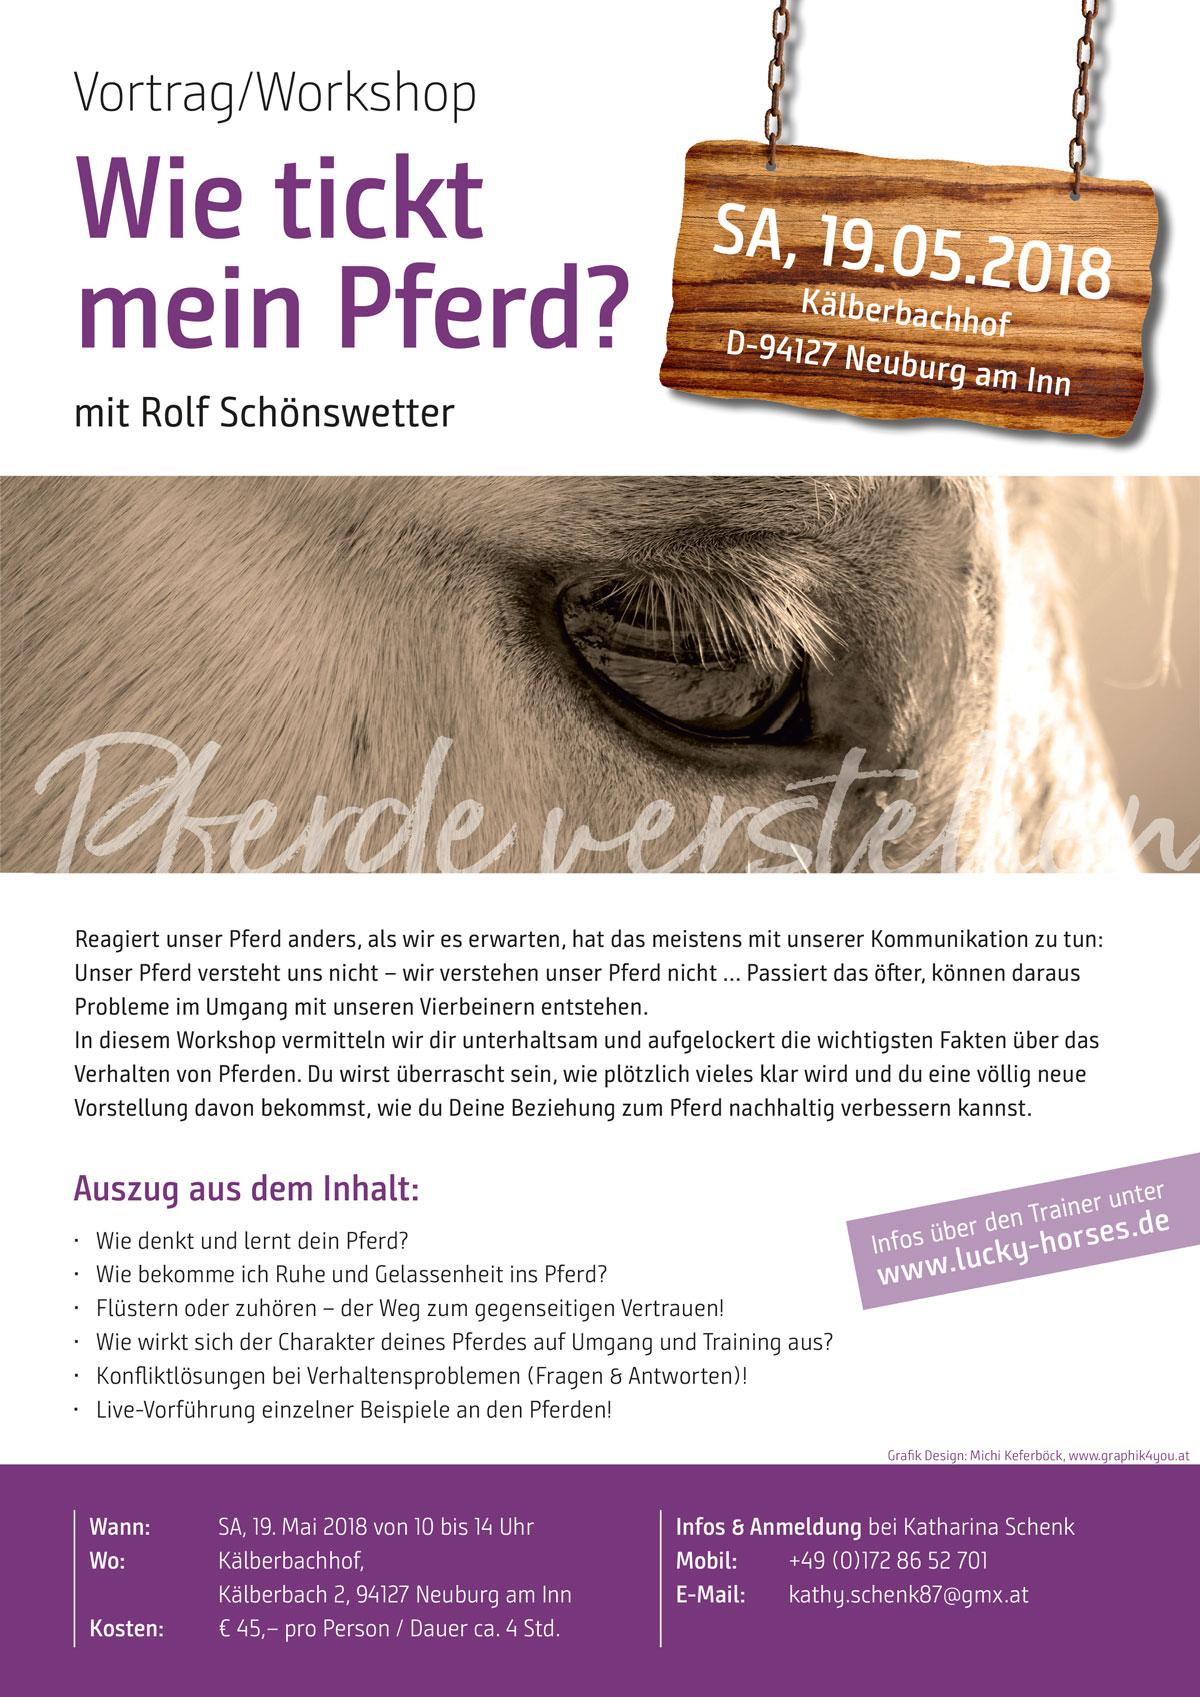 Vortrag Pferdepsychologie: Wie tickt mein Pferd?